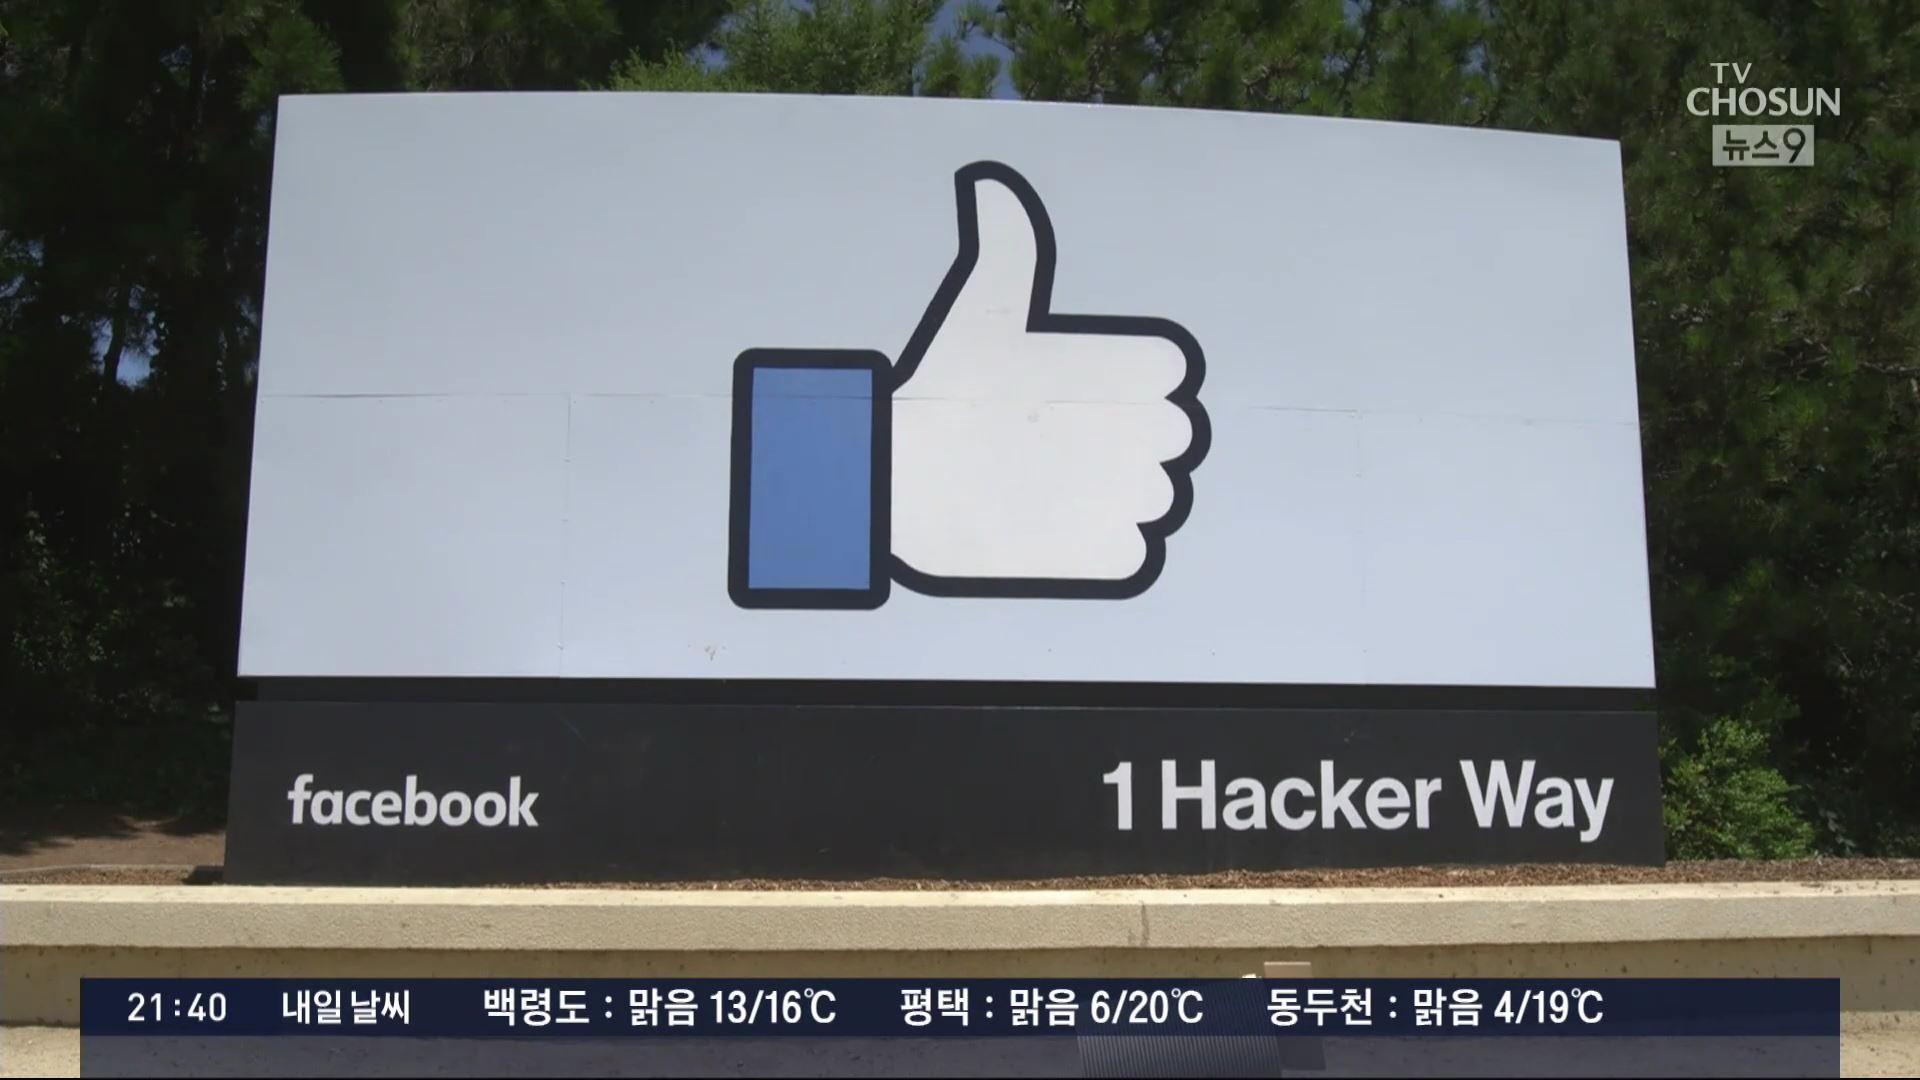 [포커스] ''좋아요'가 증오 부추겨'…내부고발에 페이스북 최대 위기